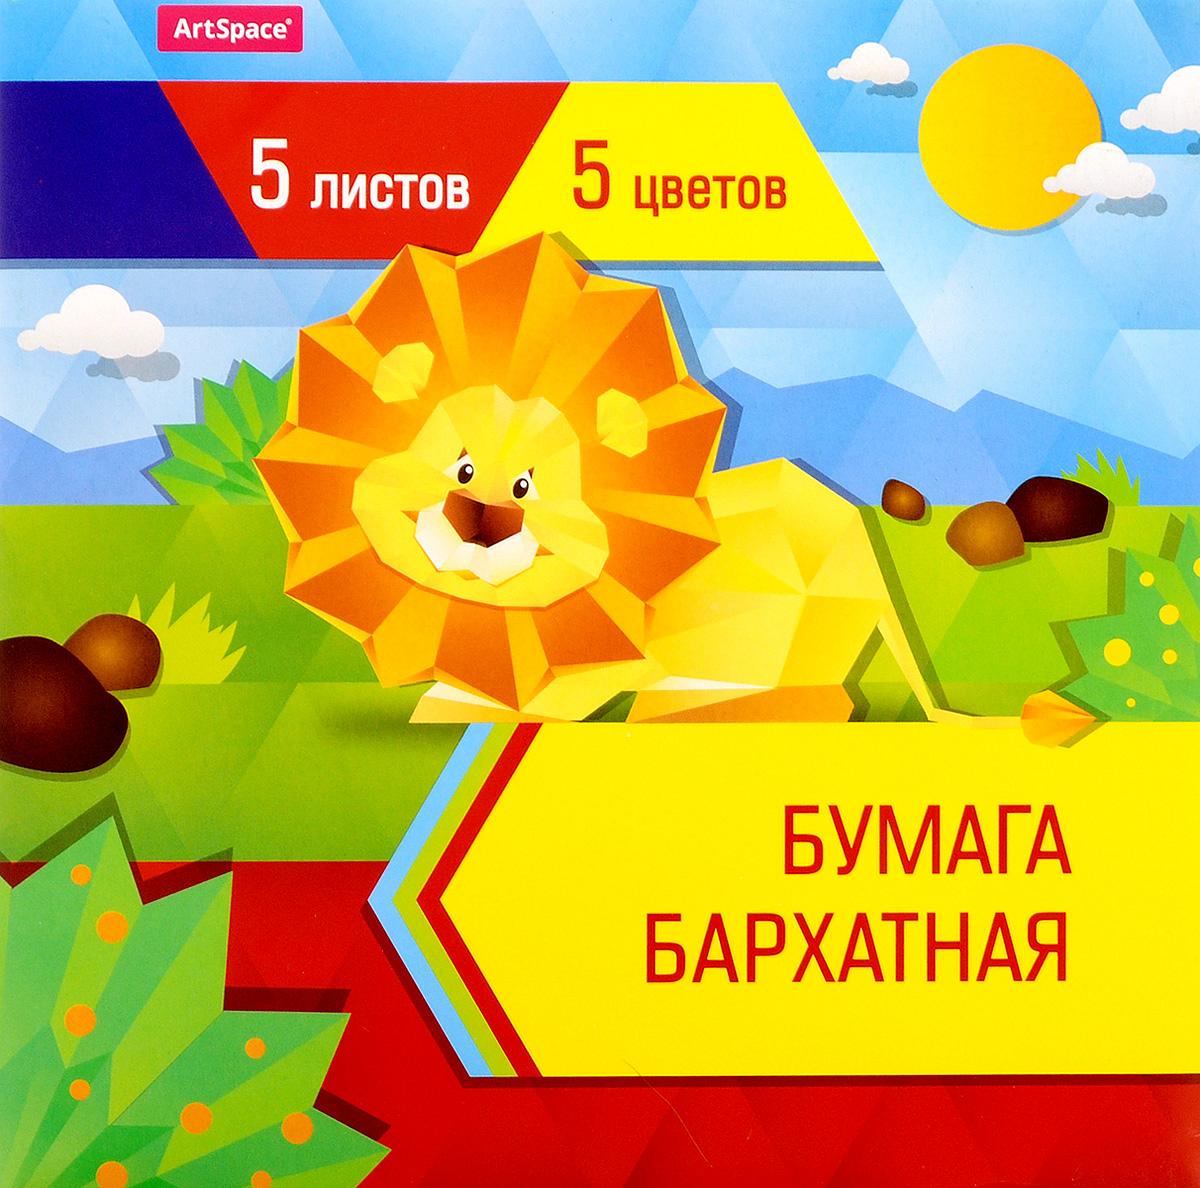 ArtSpace Цветная бумага бархатная 5 листовНбх5-5_1812Бархатная цветная бумага ArtSpace идеально подходит для детского творчества: создания аппликаций, оригами и многого другого.В упаковке 5 листов бархатной бумаги 5 цветов. Бумага упакована в картонную папку.Детские аппликации из цветной бумаги - отличное занятие для развития творческих способностей и познавательной деятельности малыша, а также хороший способ самовыражения ребенка.